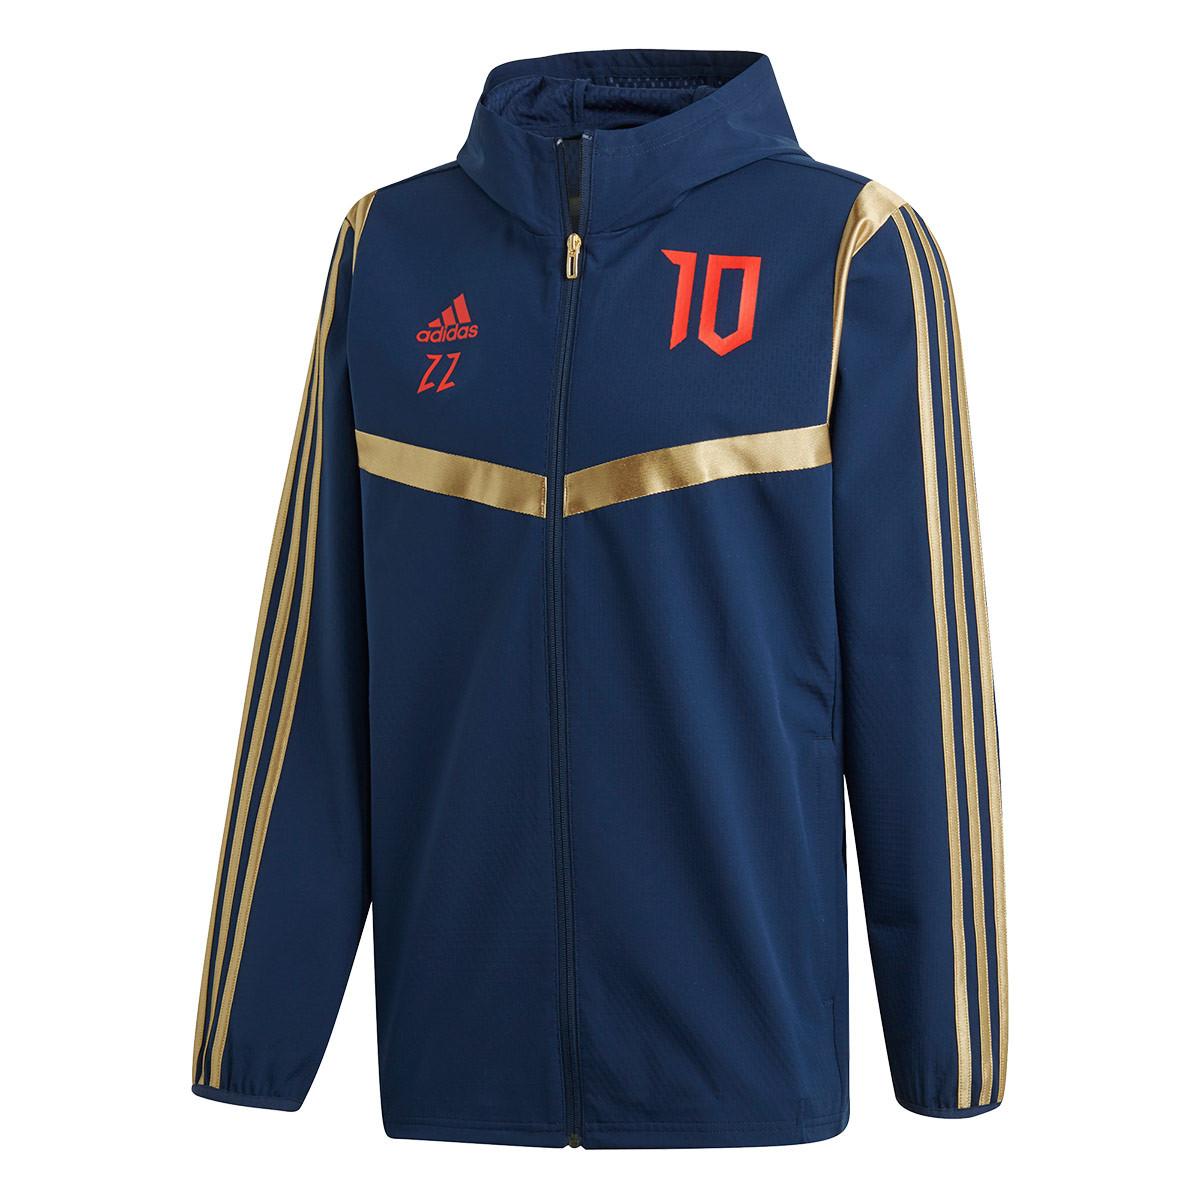 Buy online adidas Predator HD Jacket *Zinédine Zidane* in